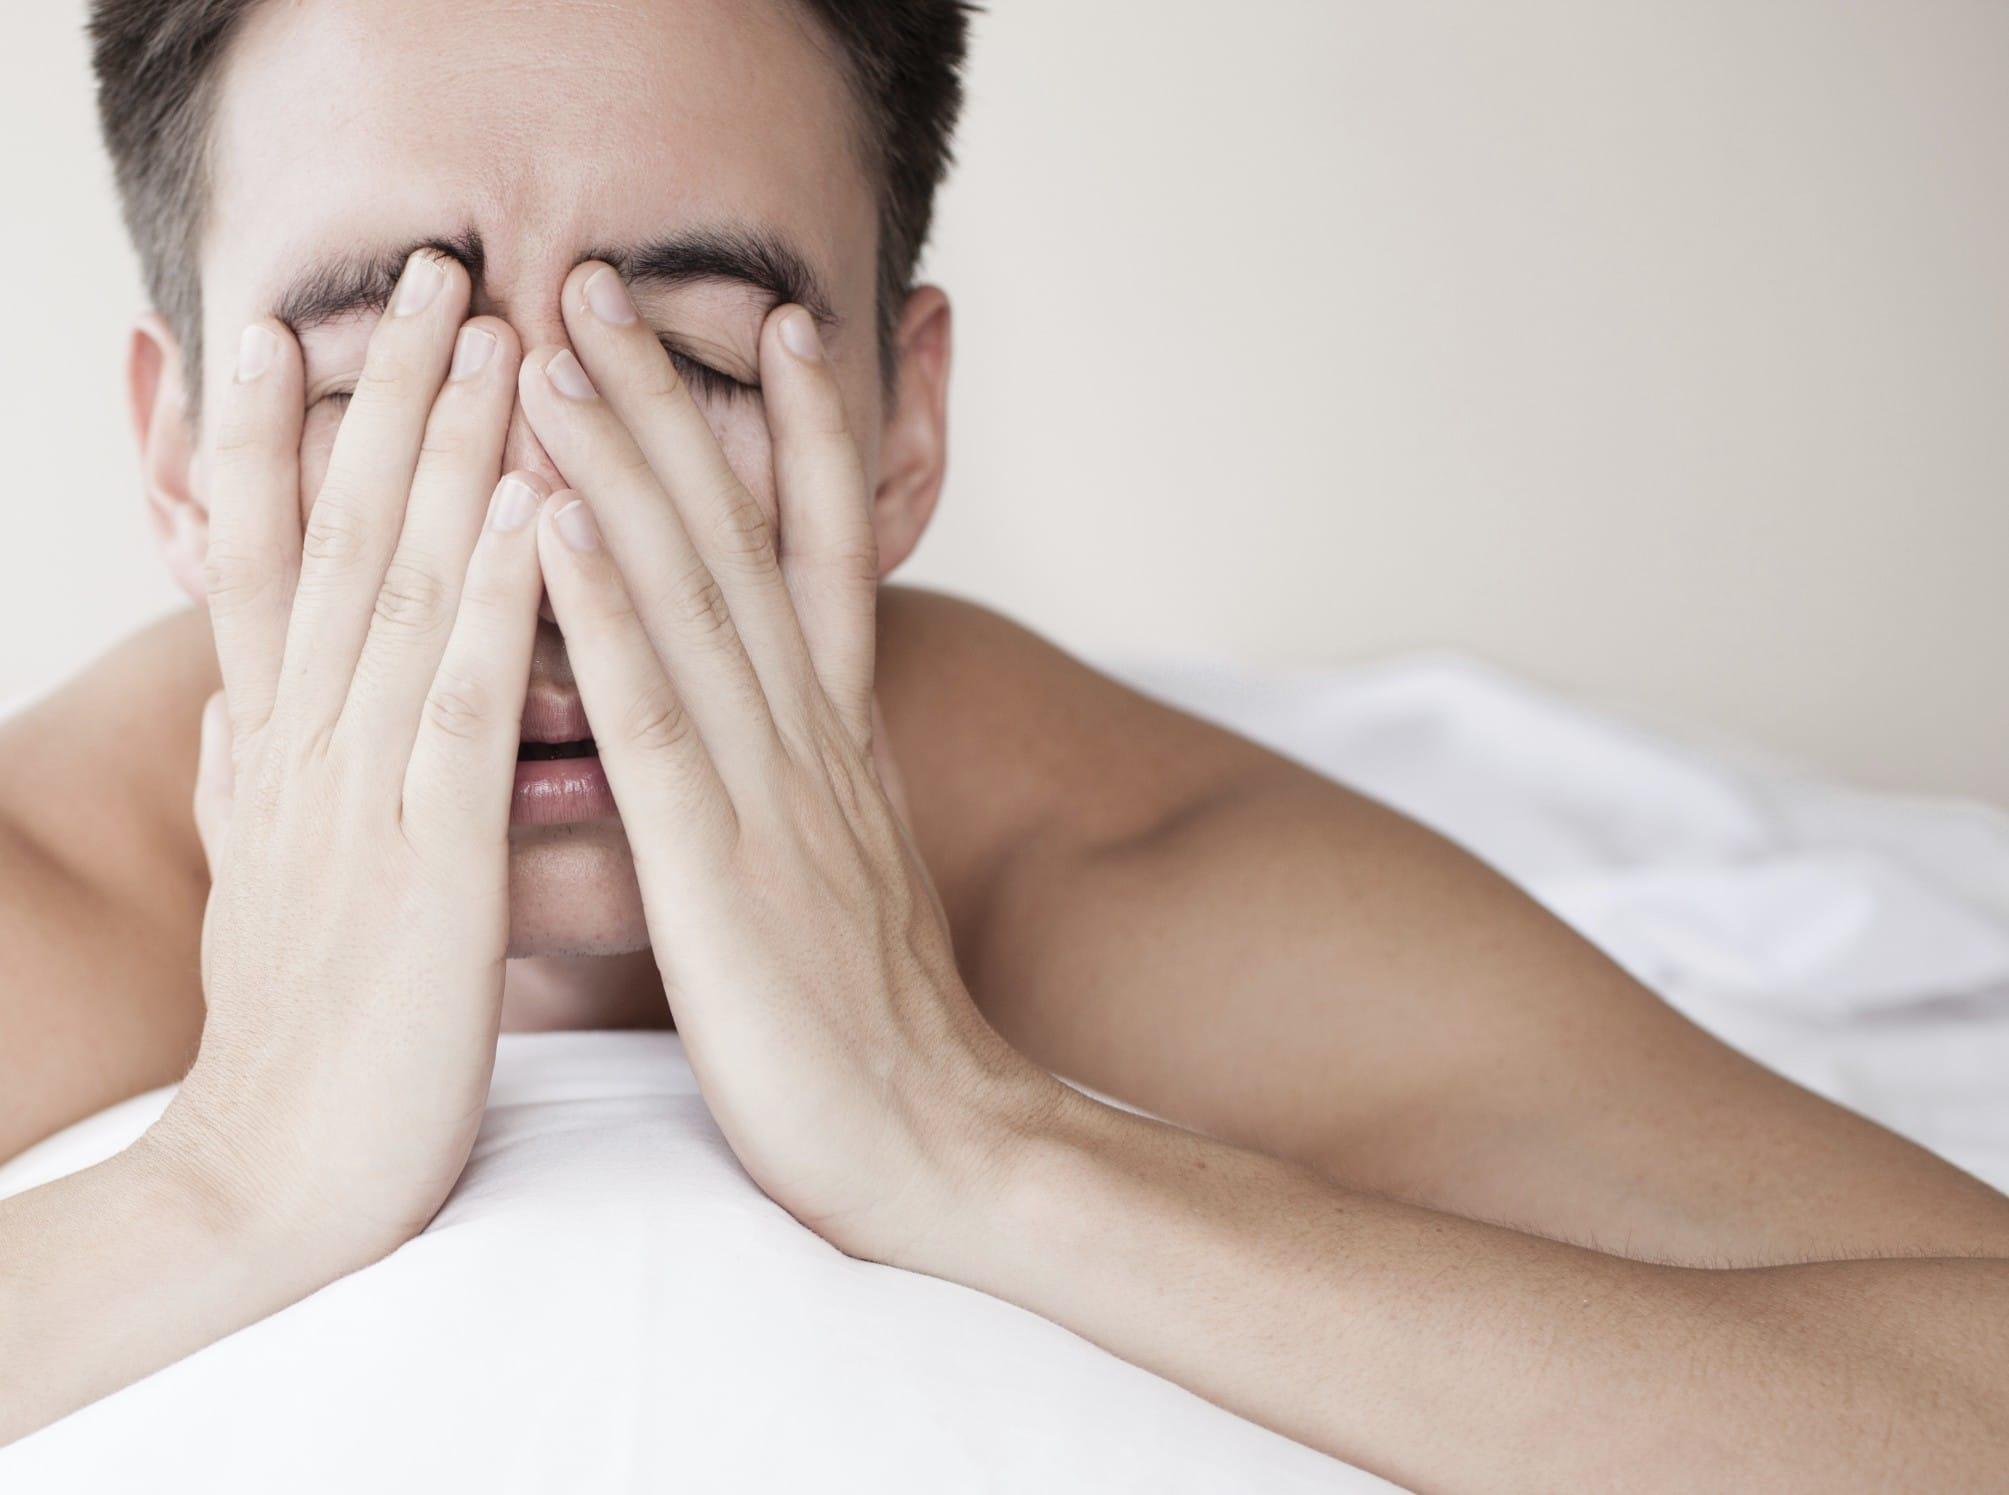 dormir mal puede tener consecuencias negativas